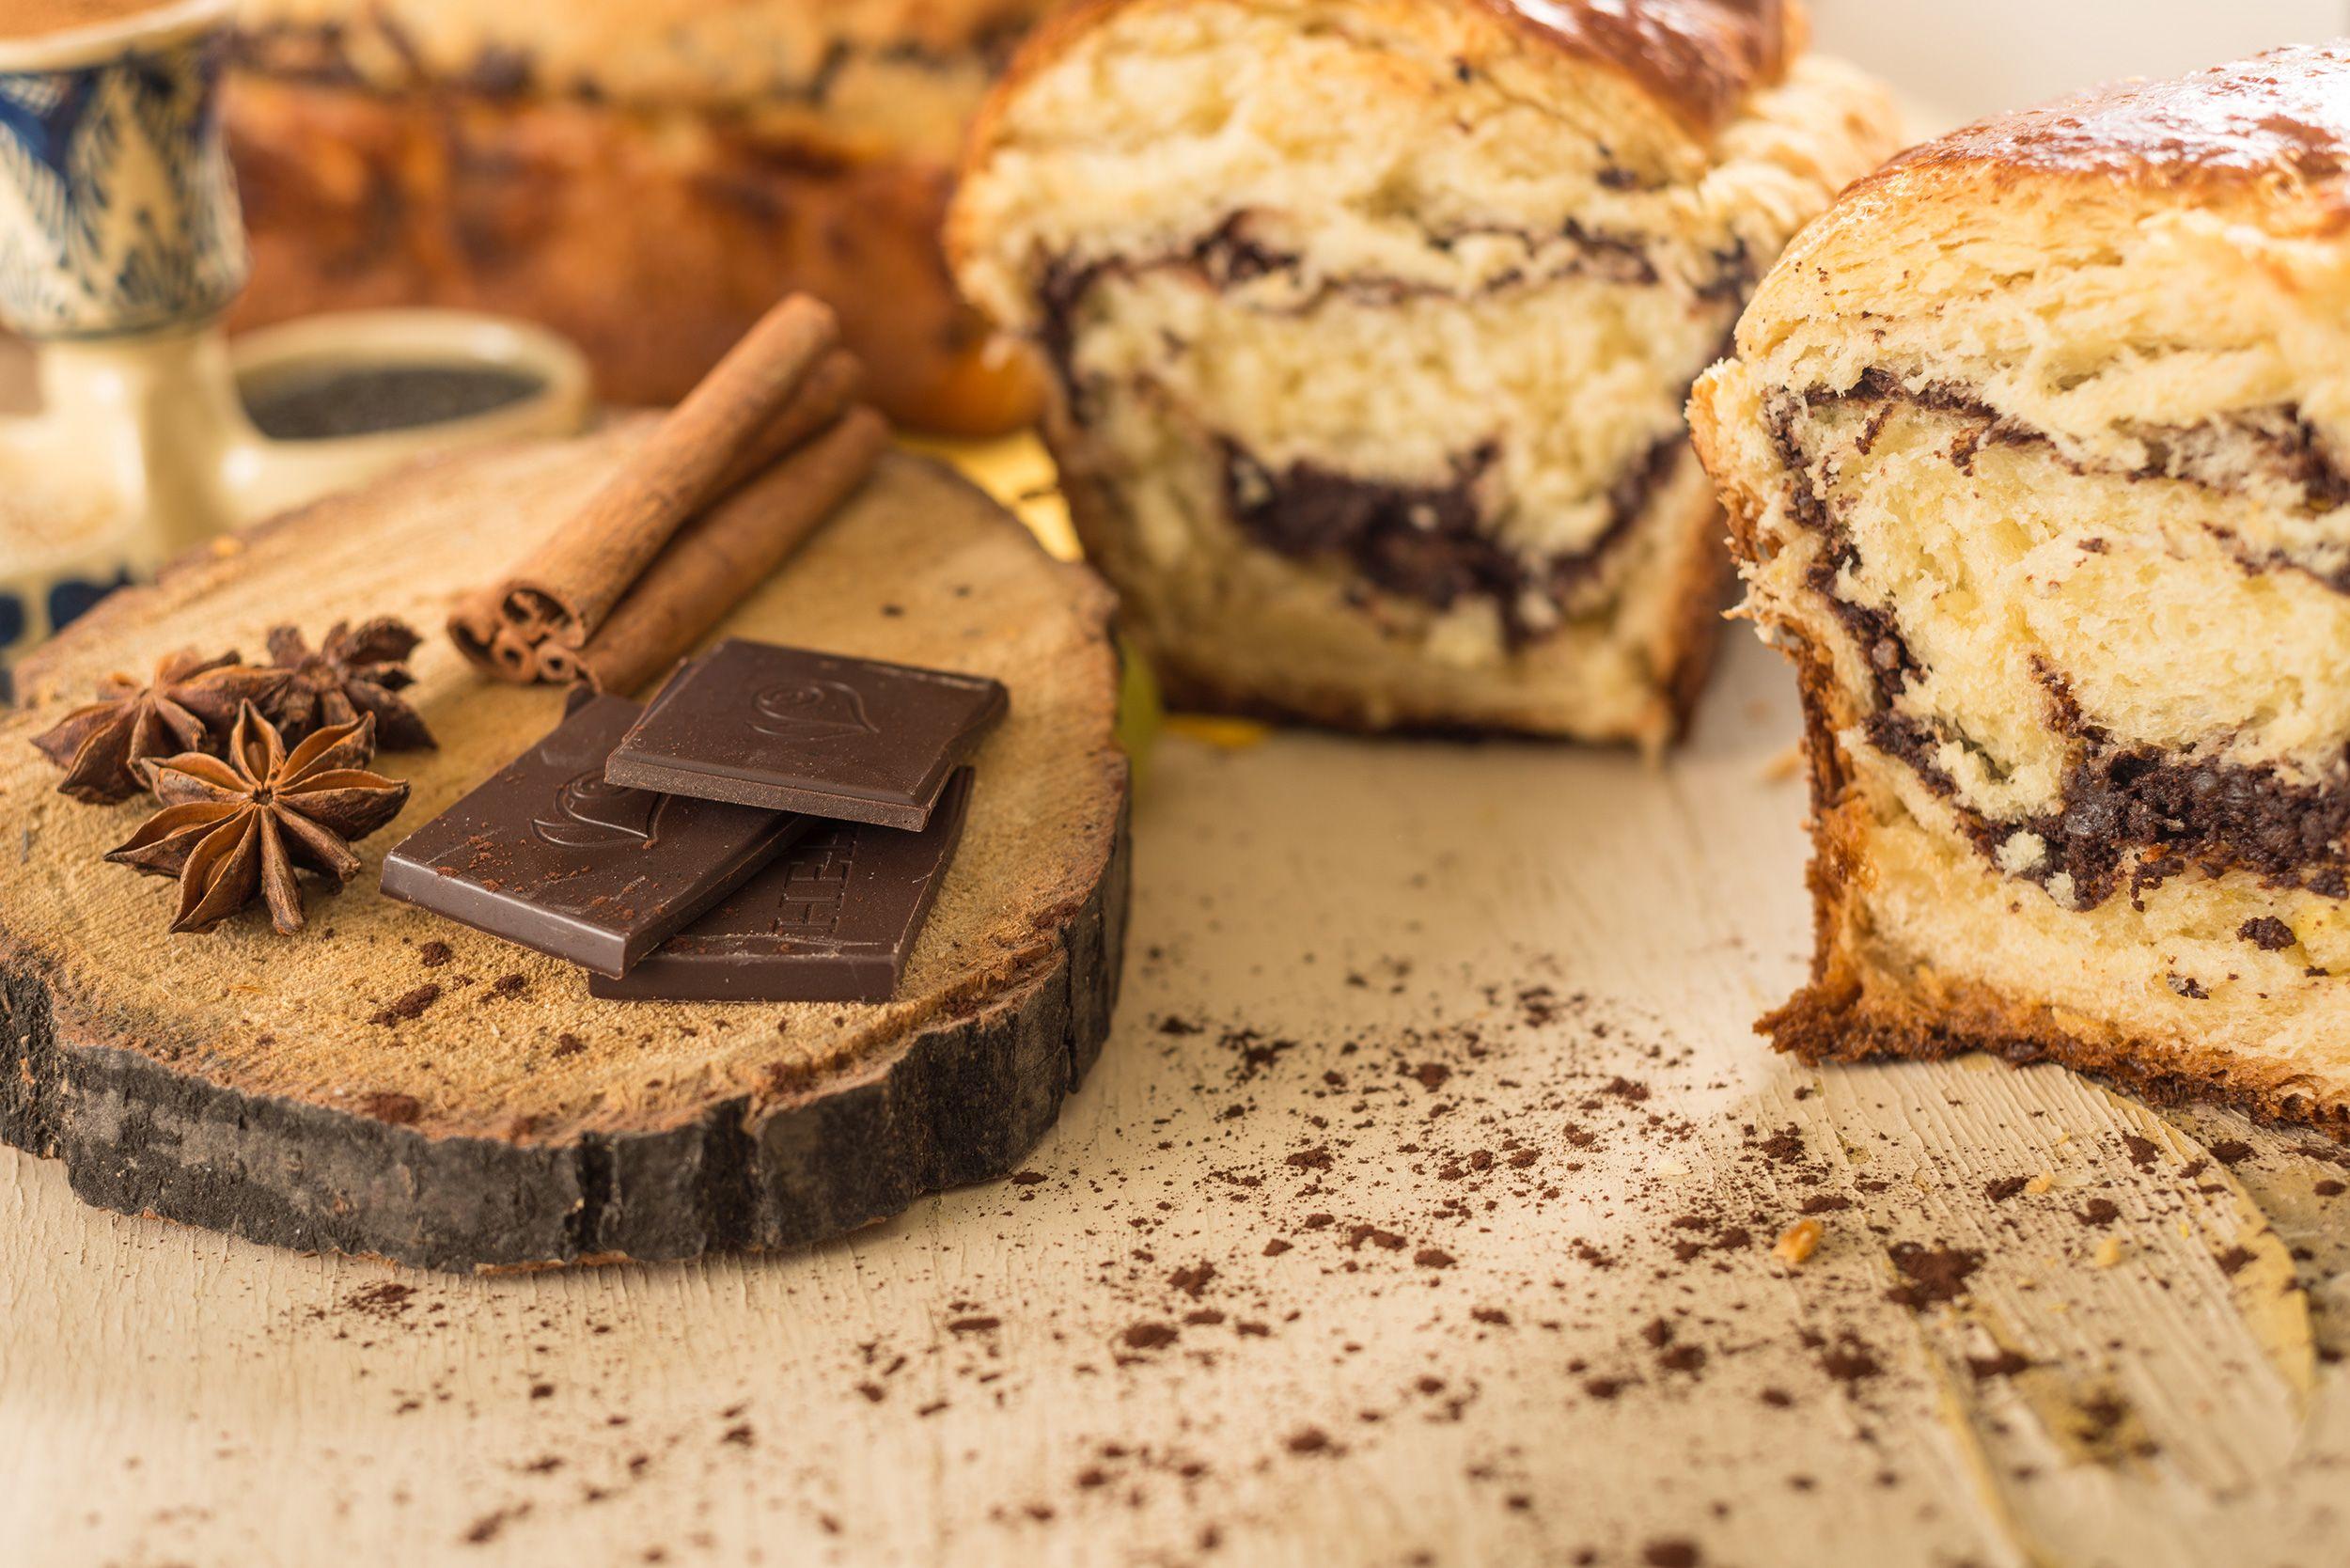 Ce avantaje ofera consumul de ciocolata?